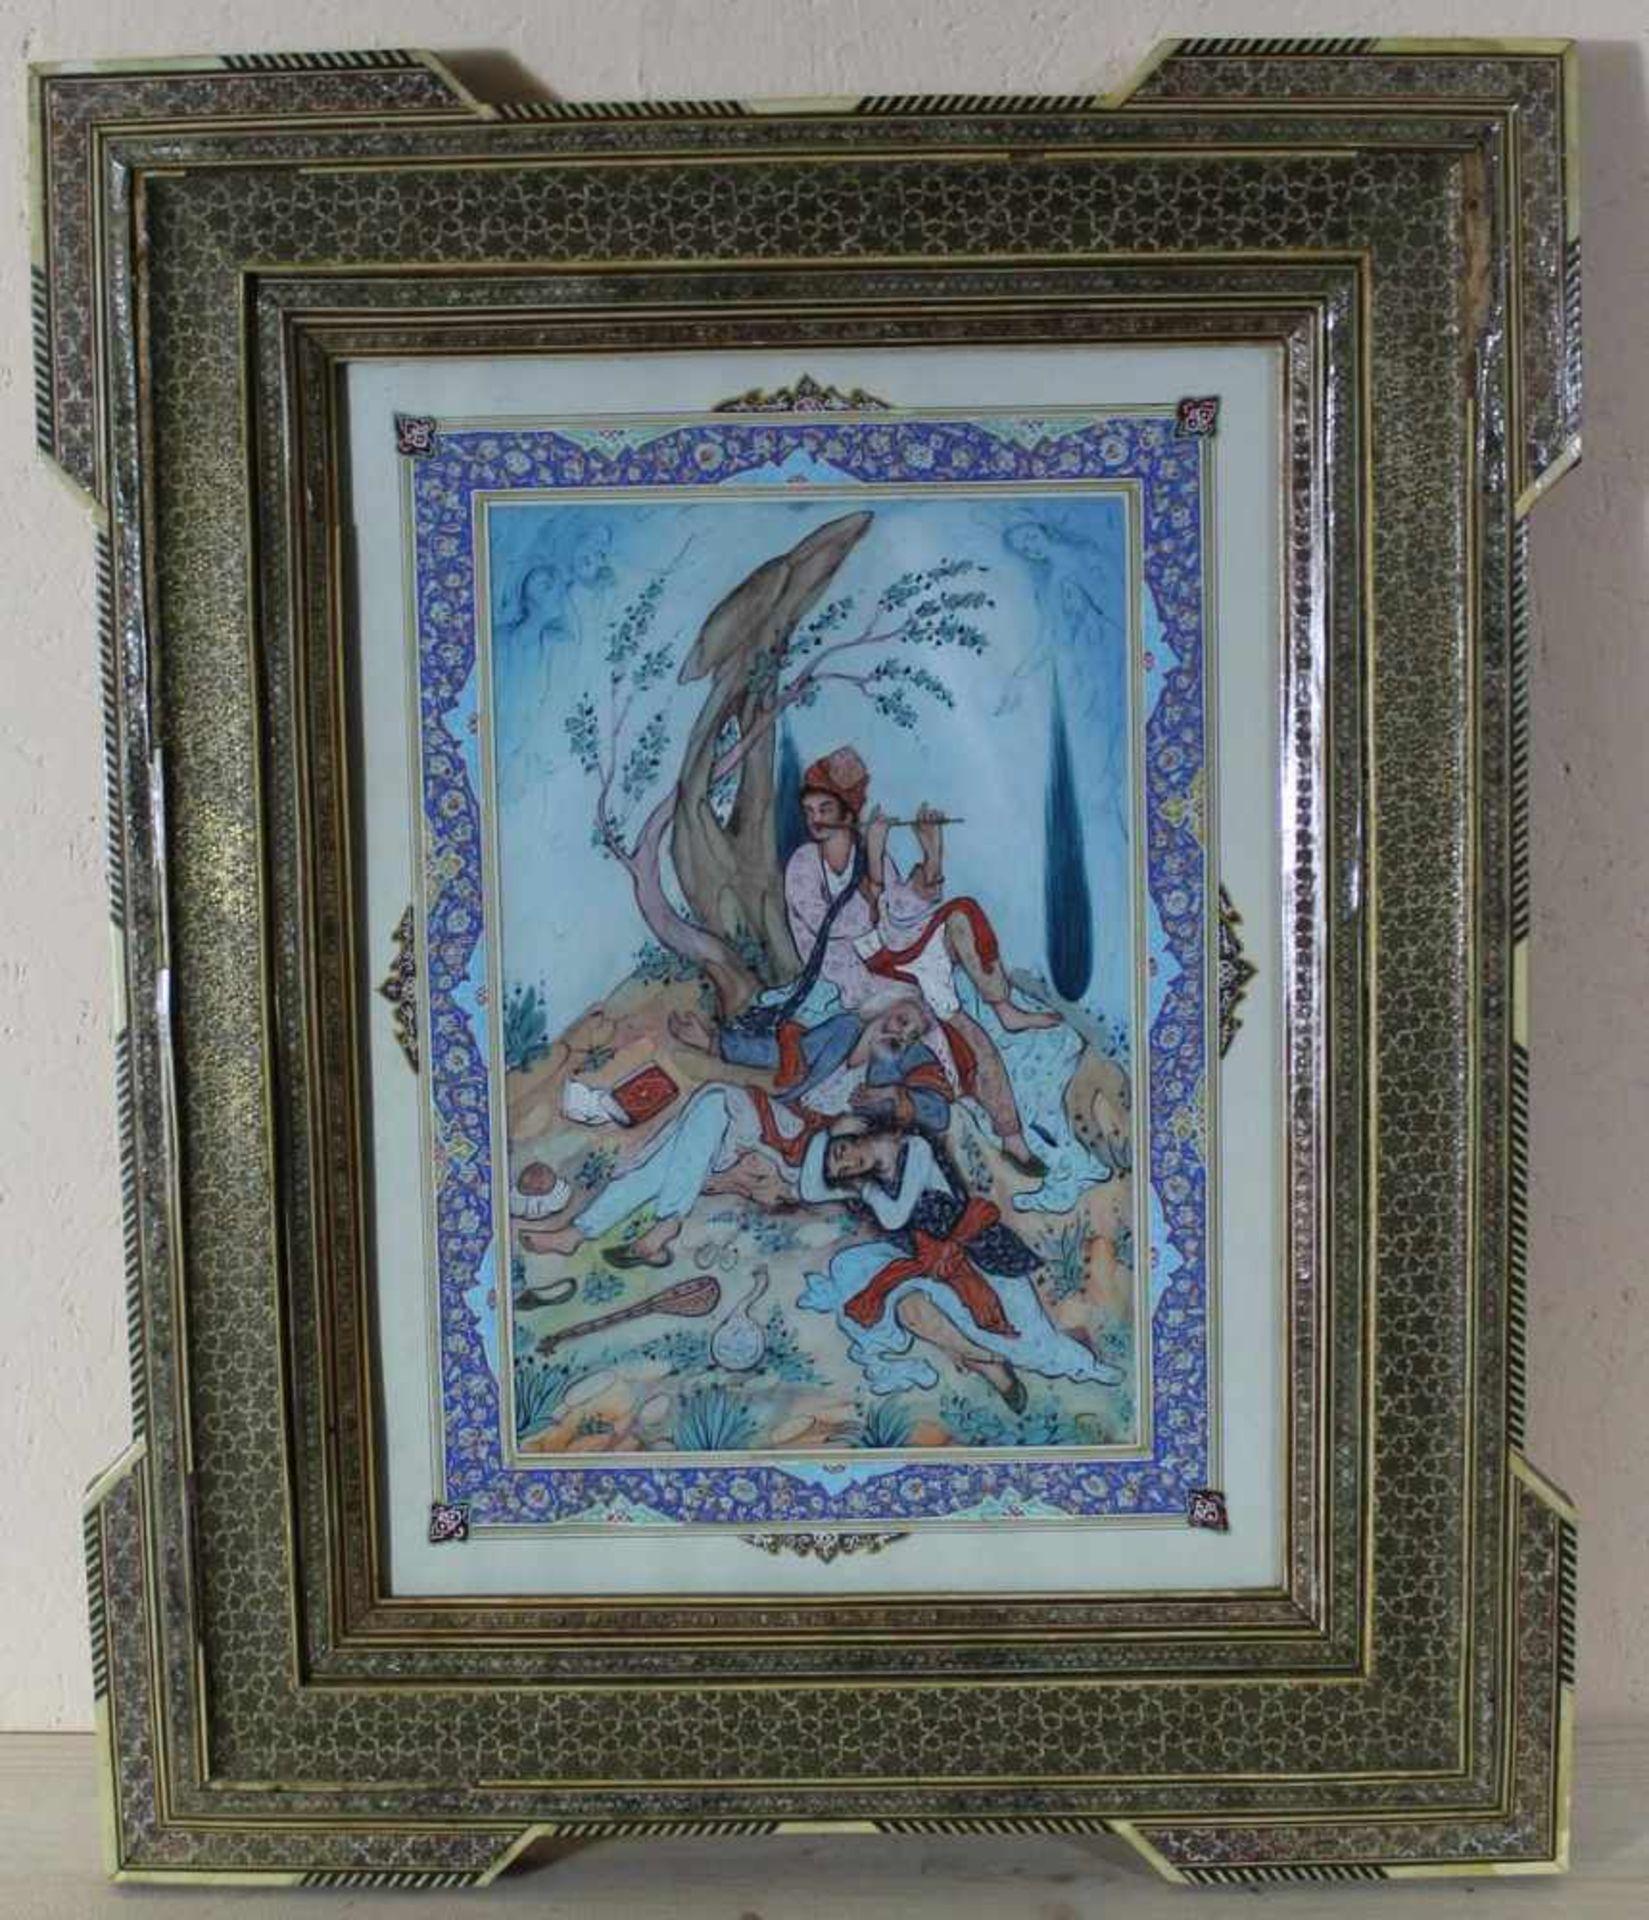 Gouache Persische Malerei 20. Jh., unter Glas im original Holzrahmen mit Einlegearbeiten, ca. 35 x